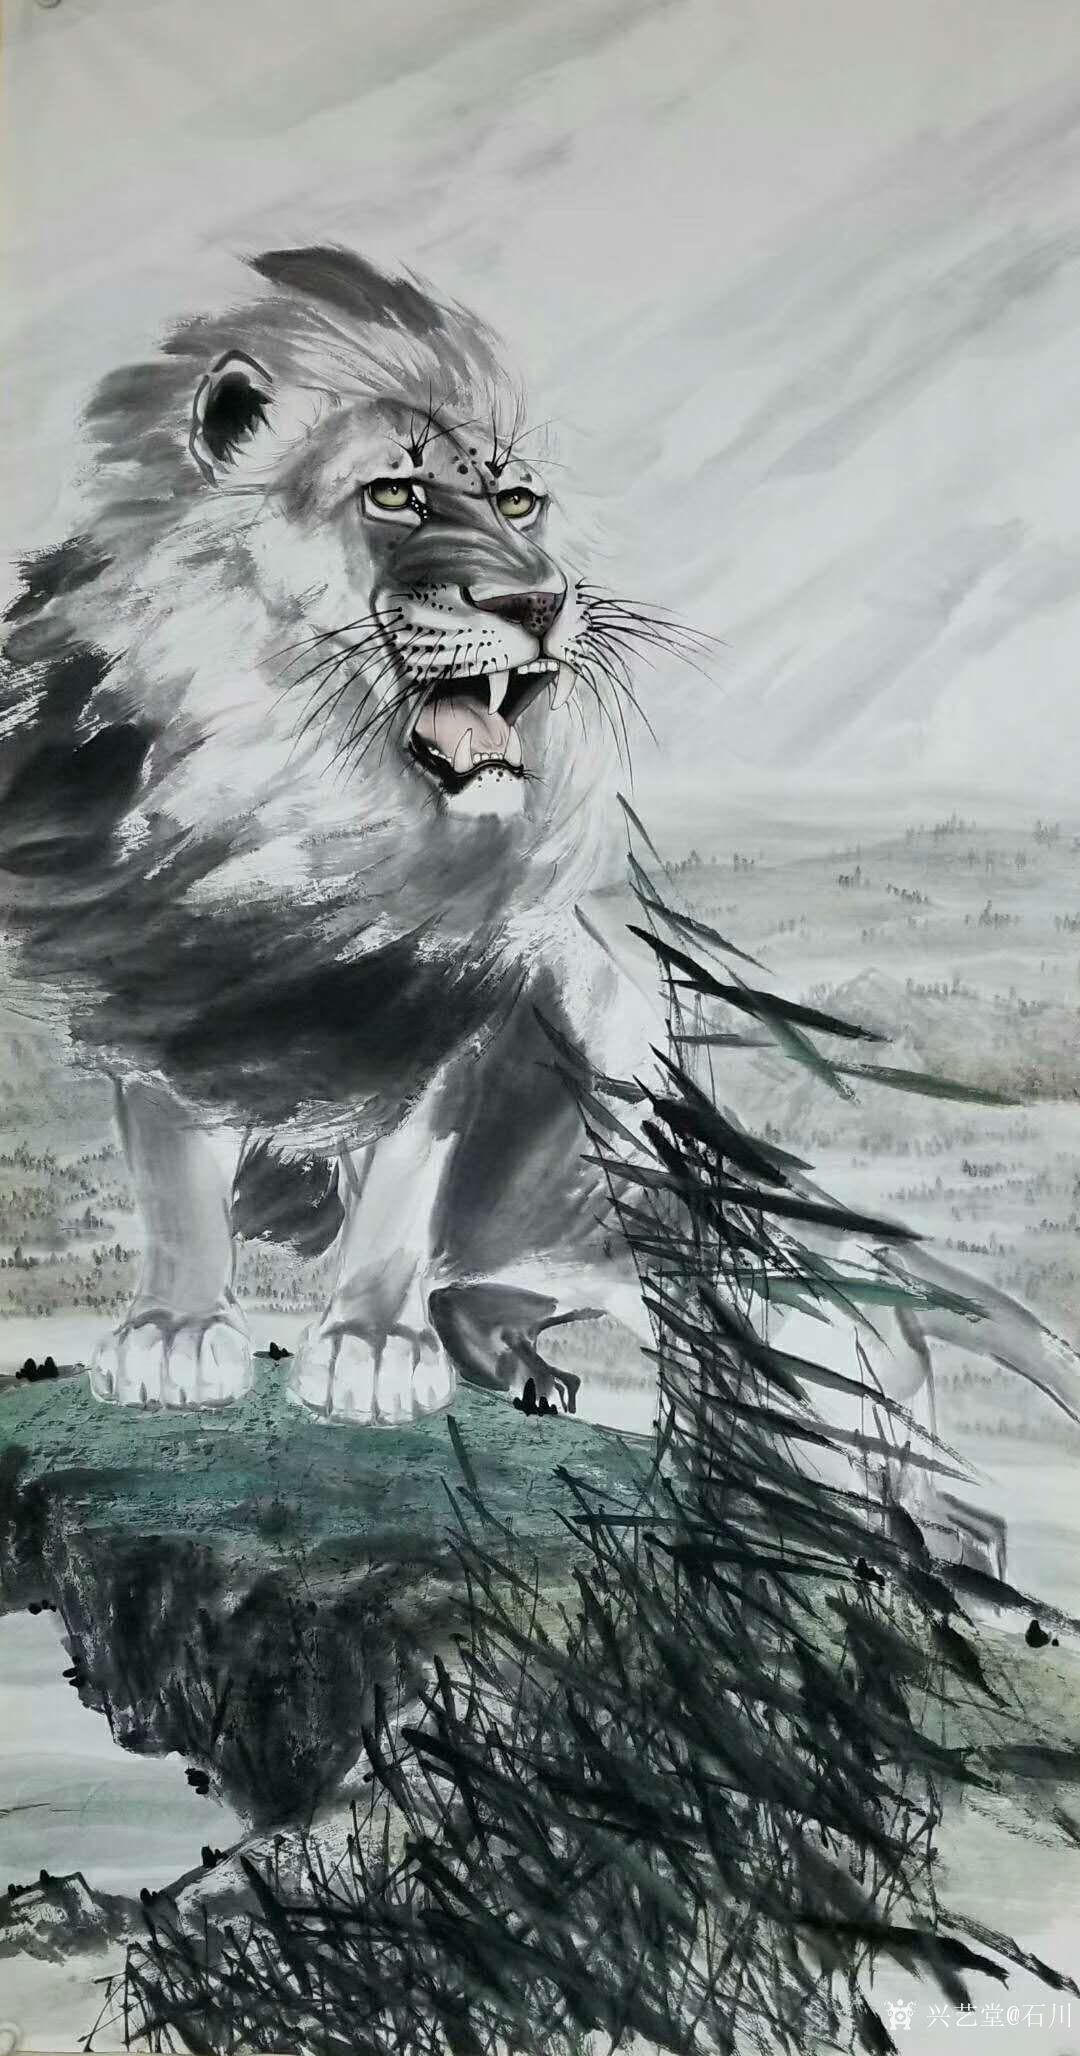 国画动物画系列之雄狮《王者之风》